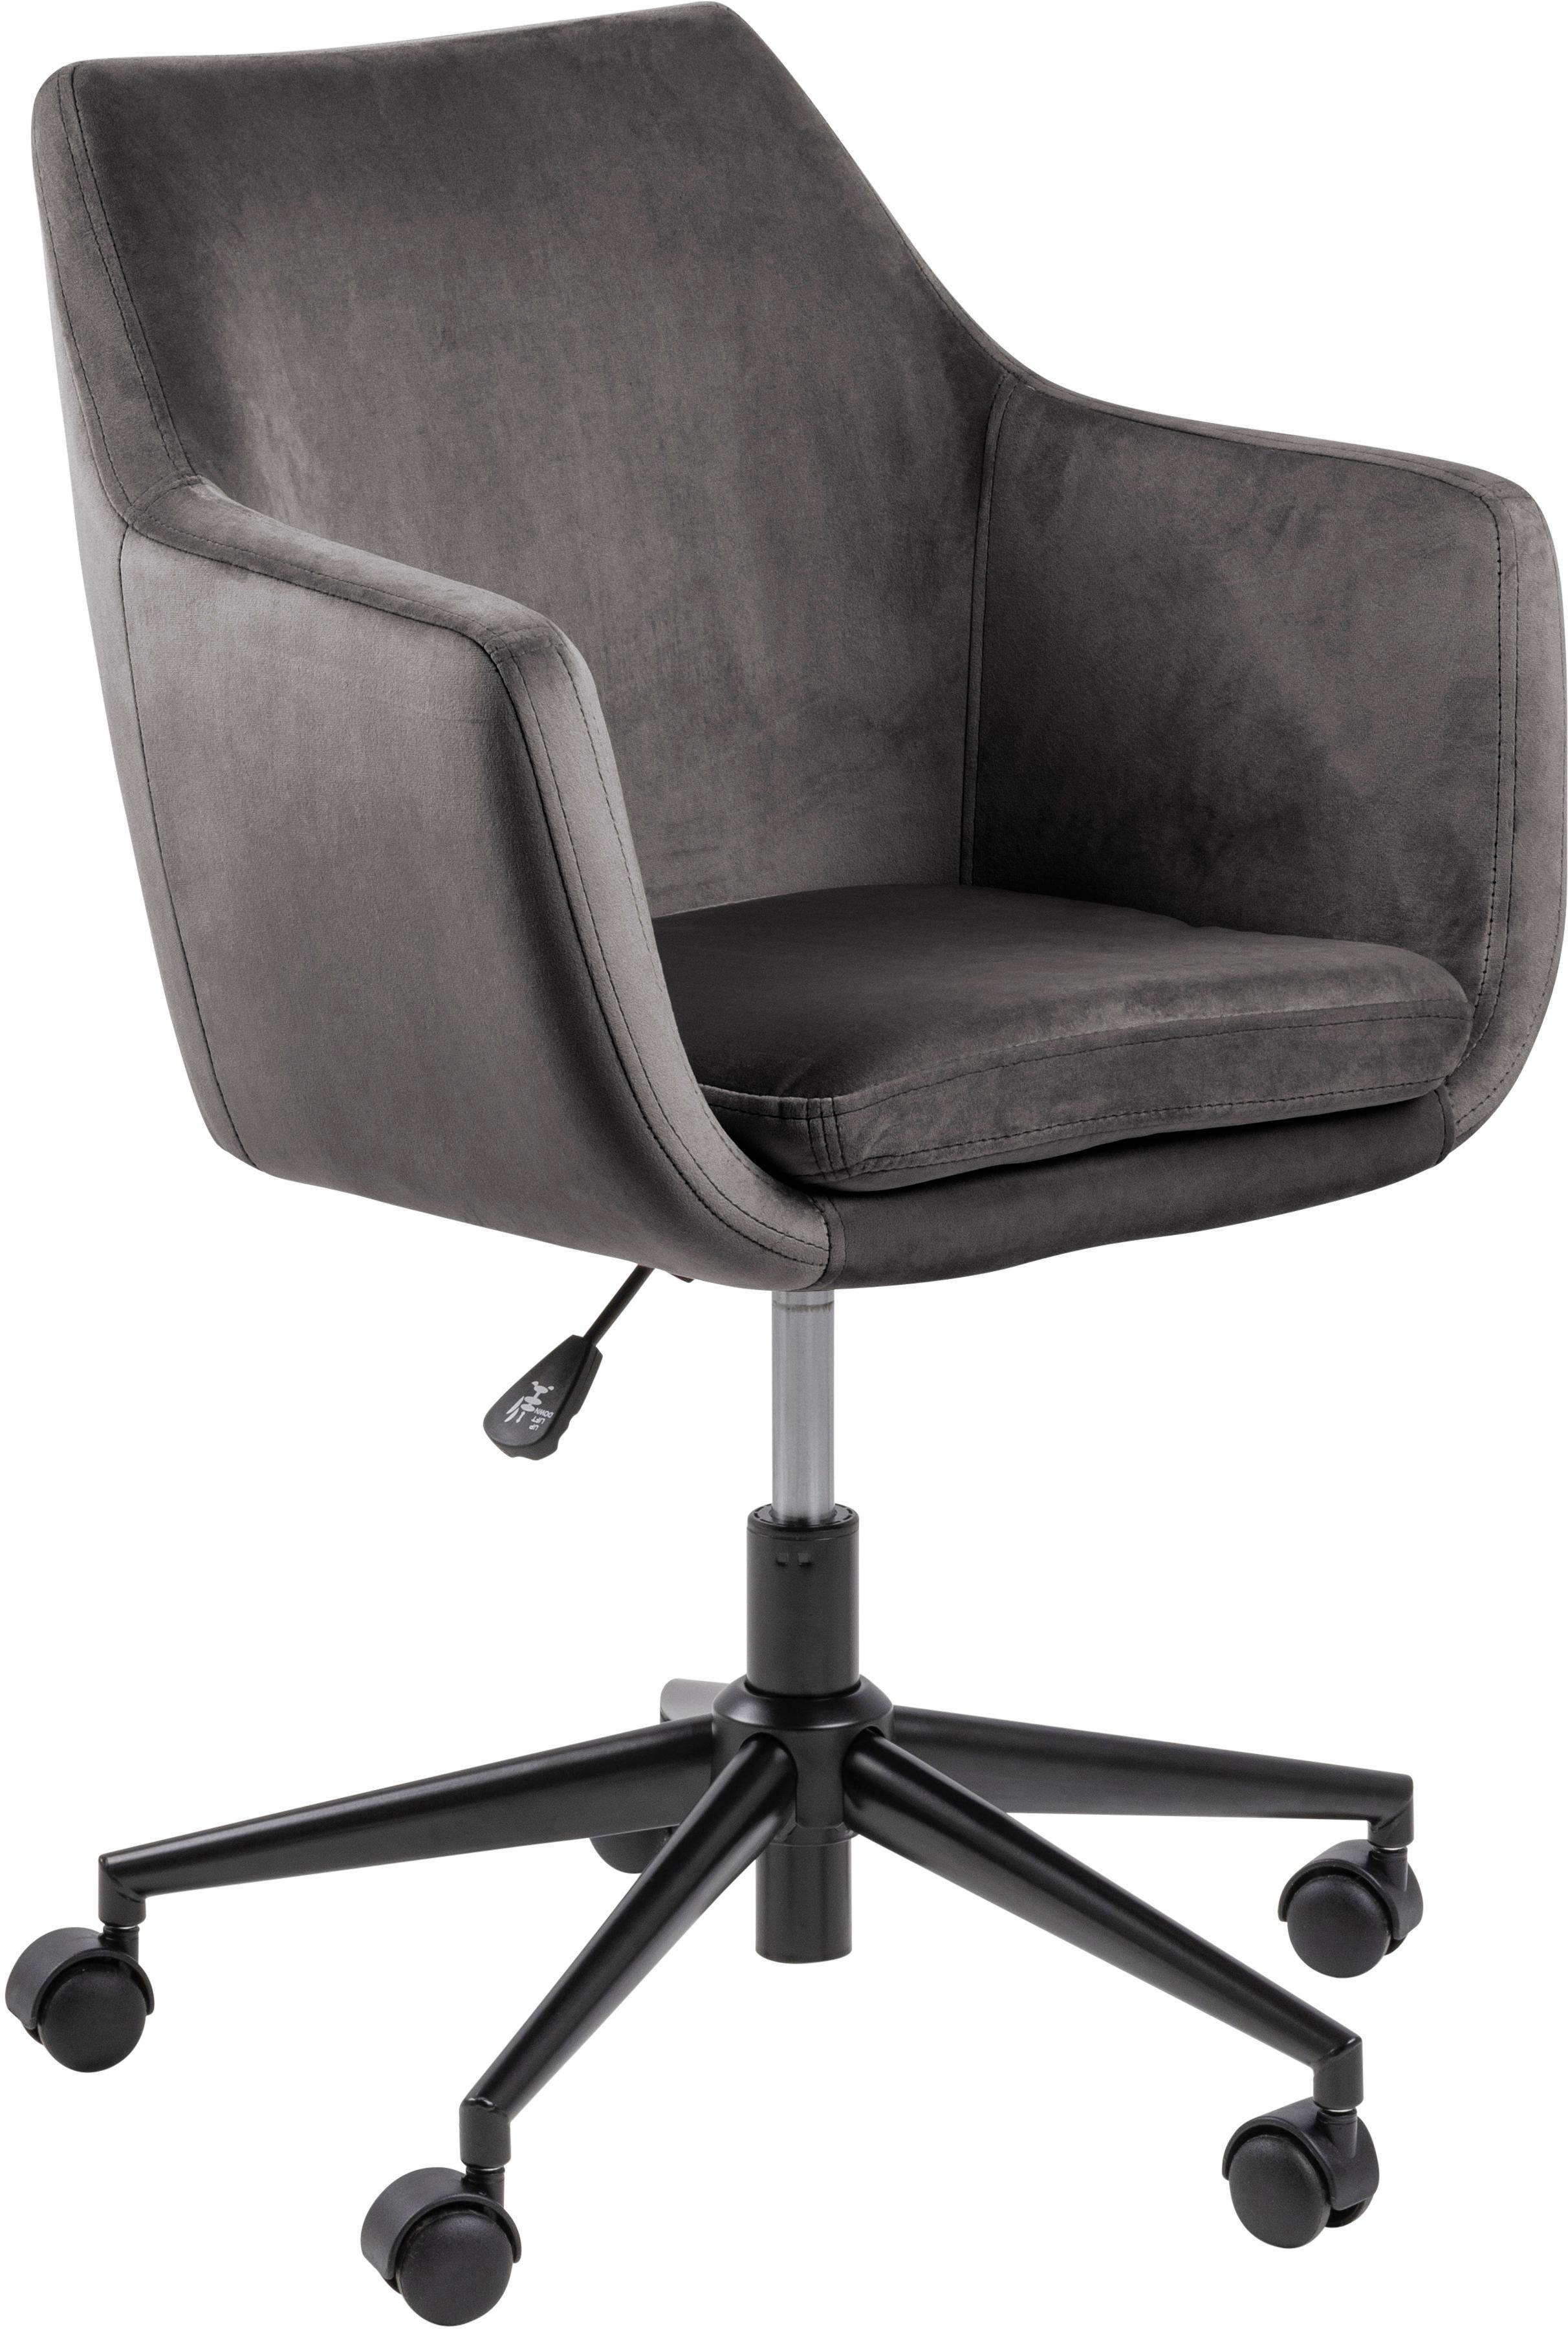 Fluwelen bureaustoel Nora, in hoogte verstelbaar, Bekleding: polyester (fluweel), Frame: gepoedercoat metaal, Donkergrijs, zwart, B 58 x D 58 cm